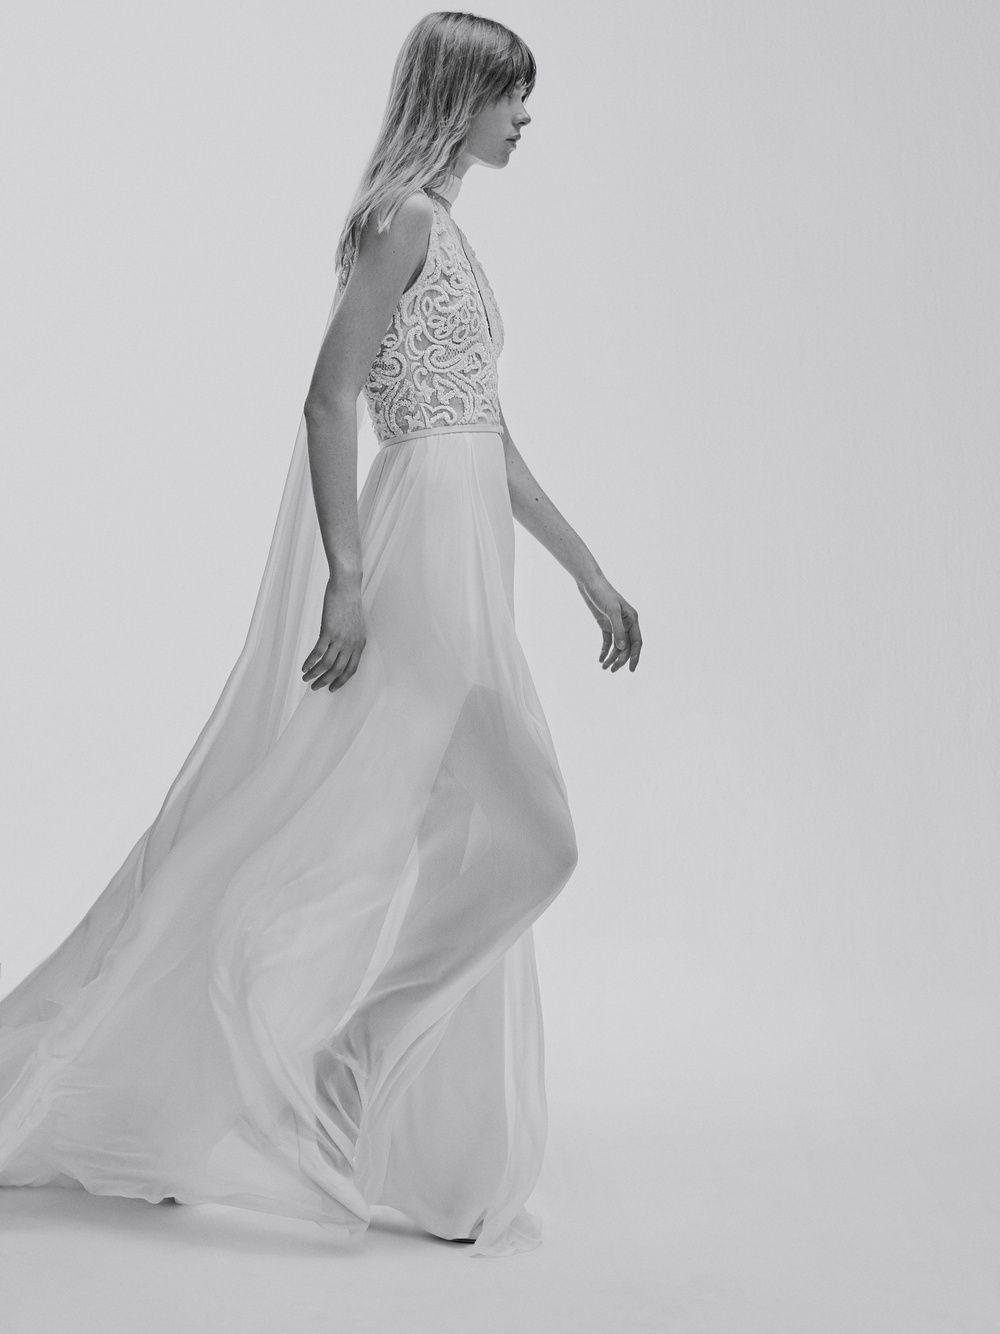 Sa wedding decor images  Breaking news  Elie Saab lance une collection de robes de mariée  Robe